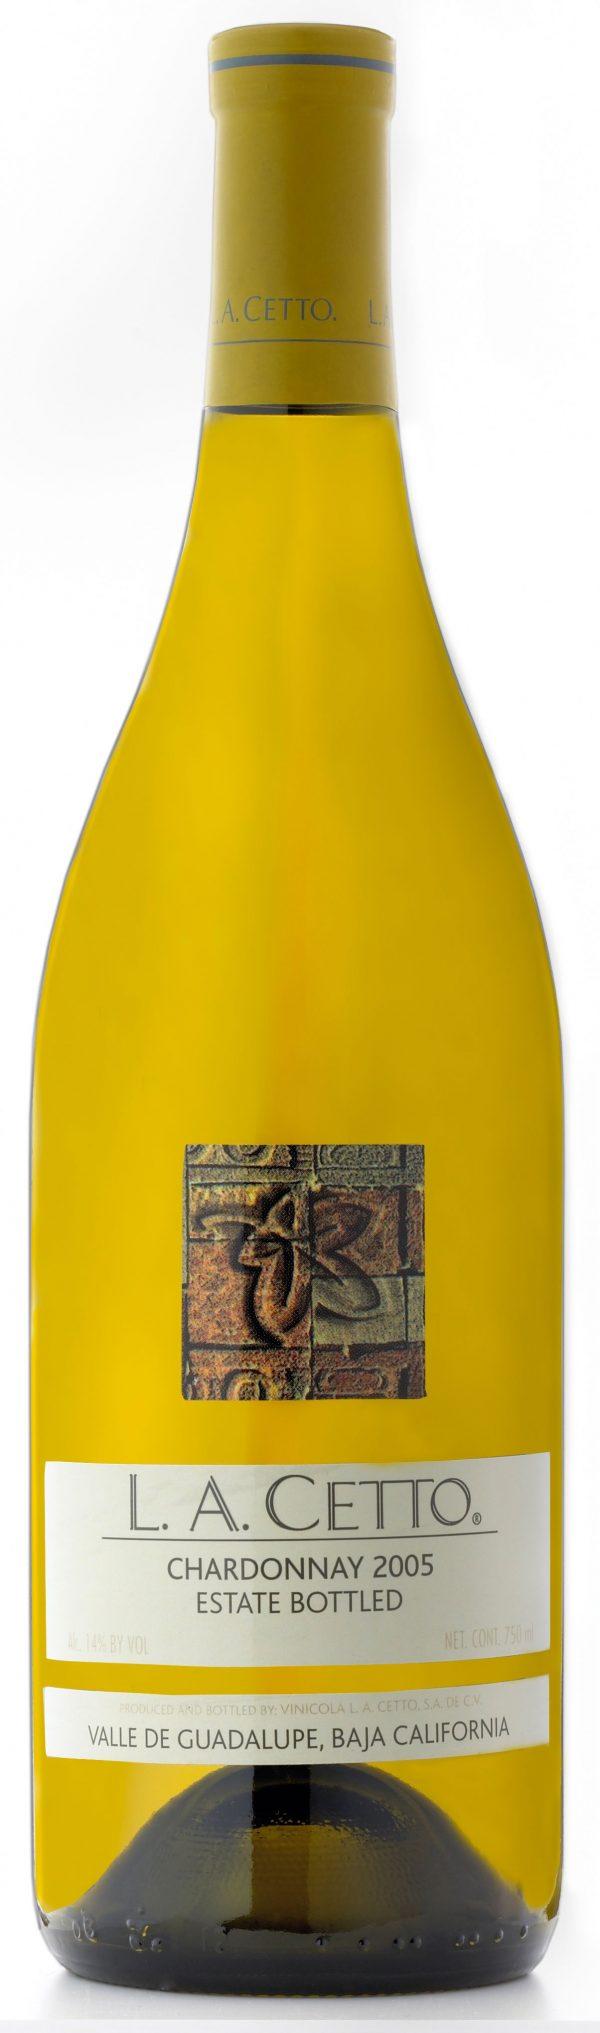 Wunderbar fruchtiger Chardonnay aus Mexico